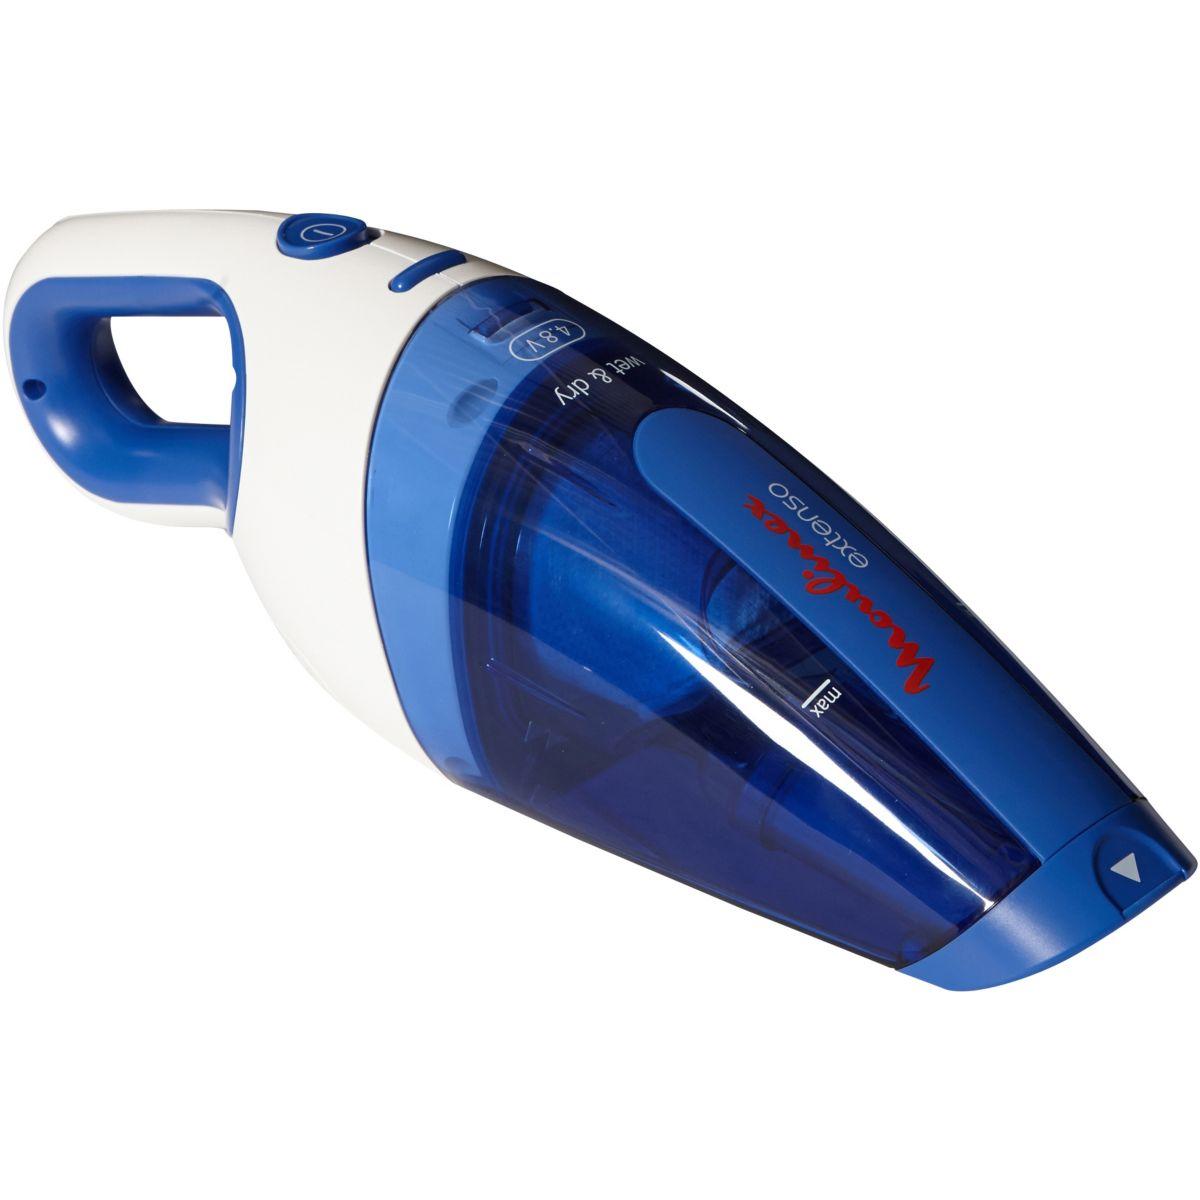 Aspirateur à main moulinex mx444101 extenso w&d - 3% de remise : code pam3